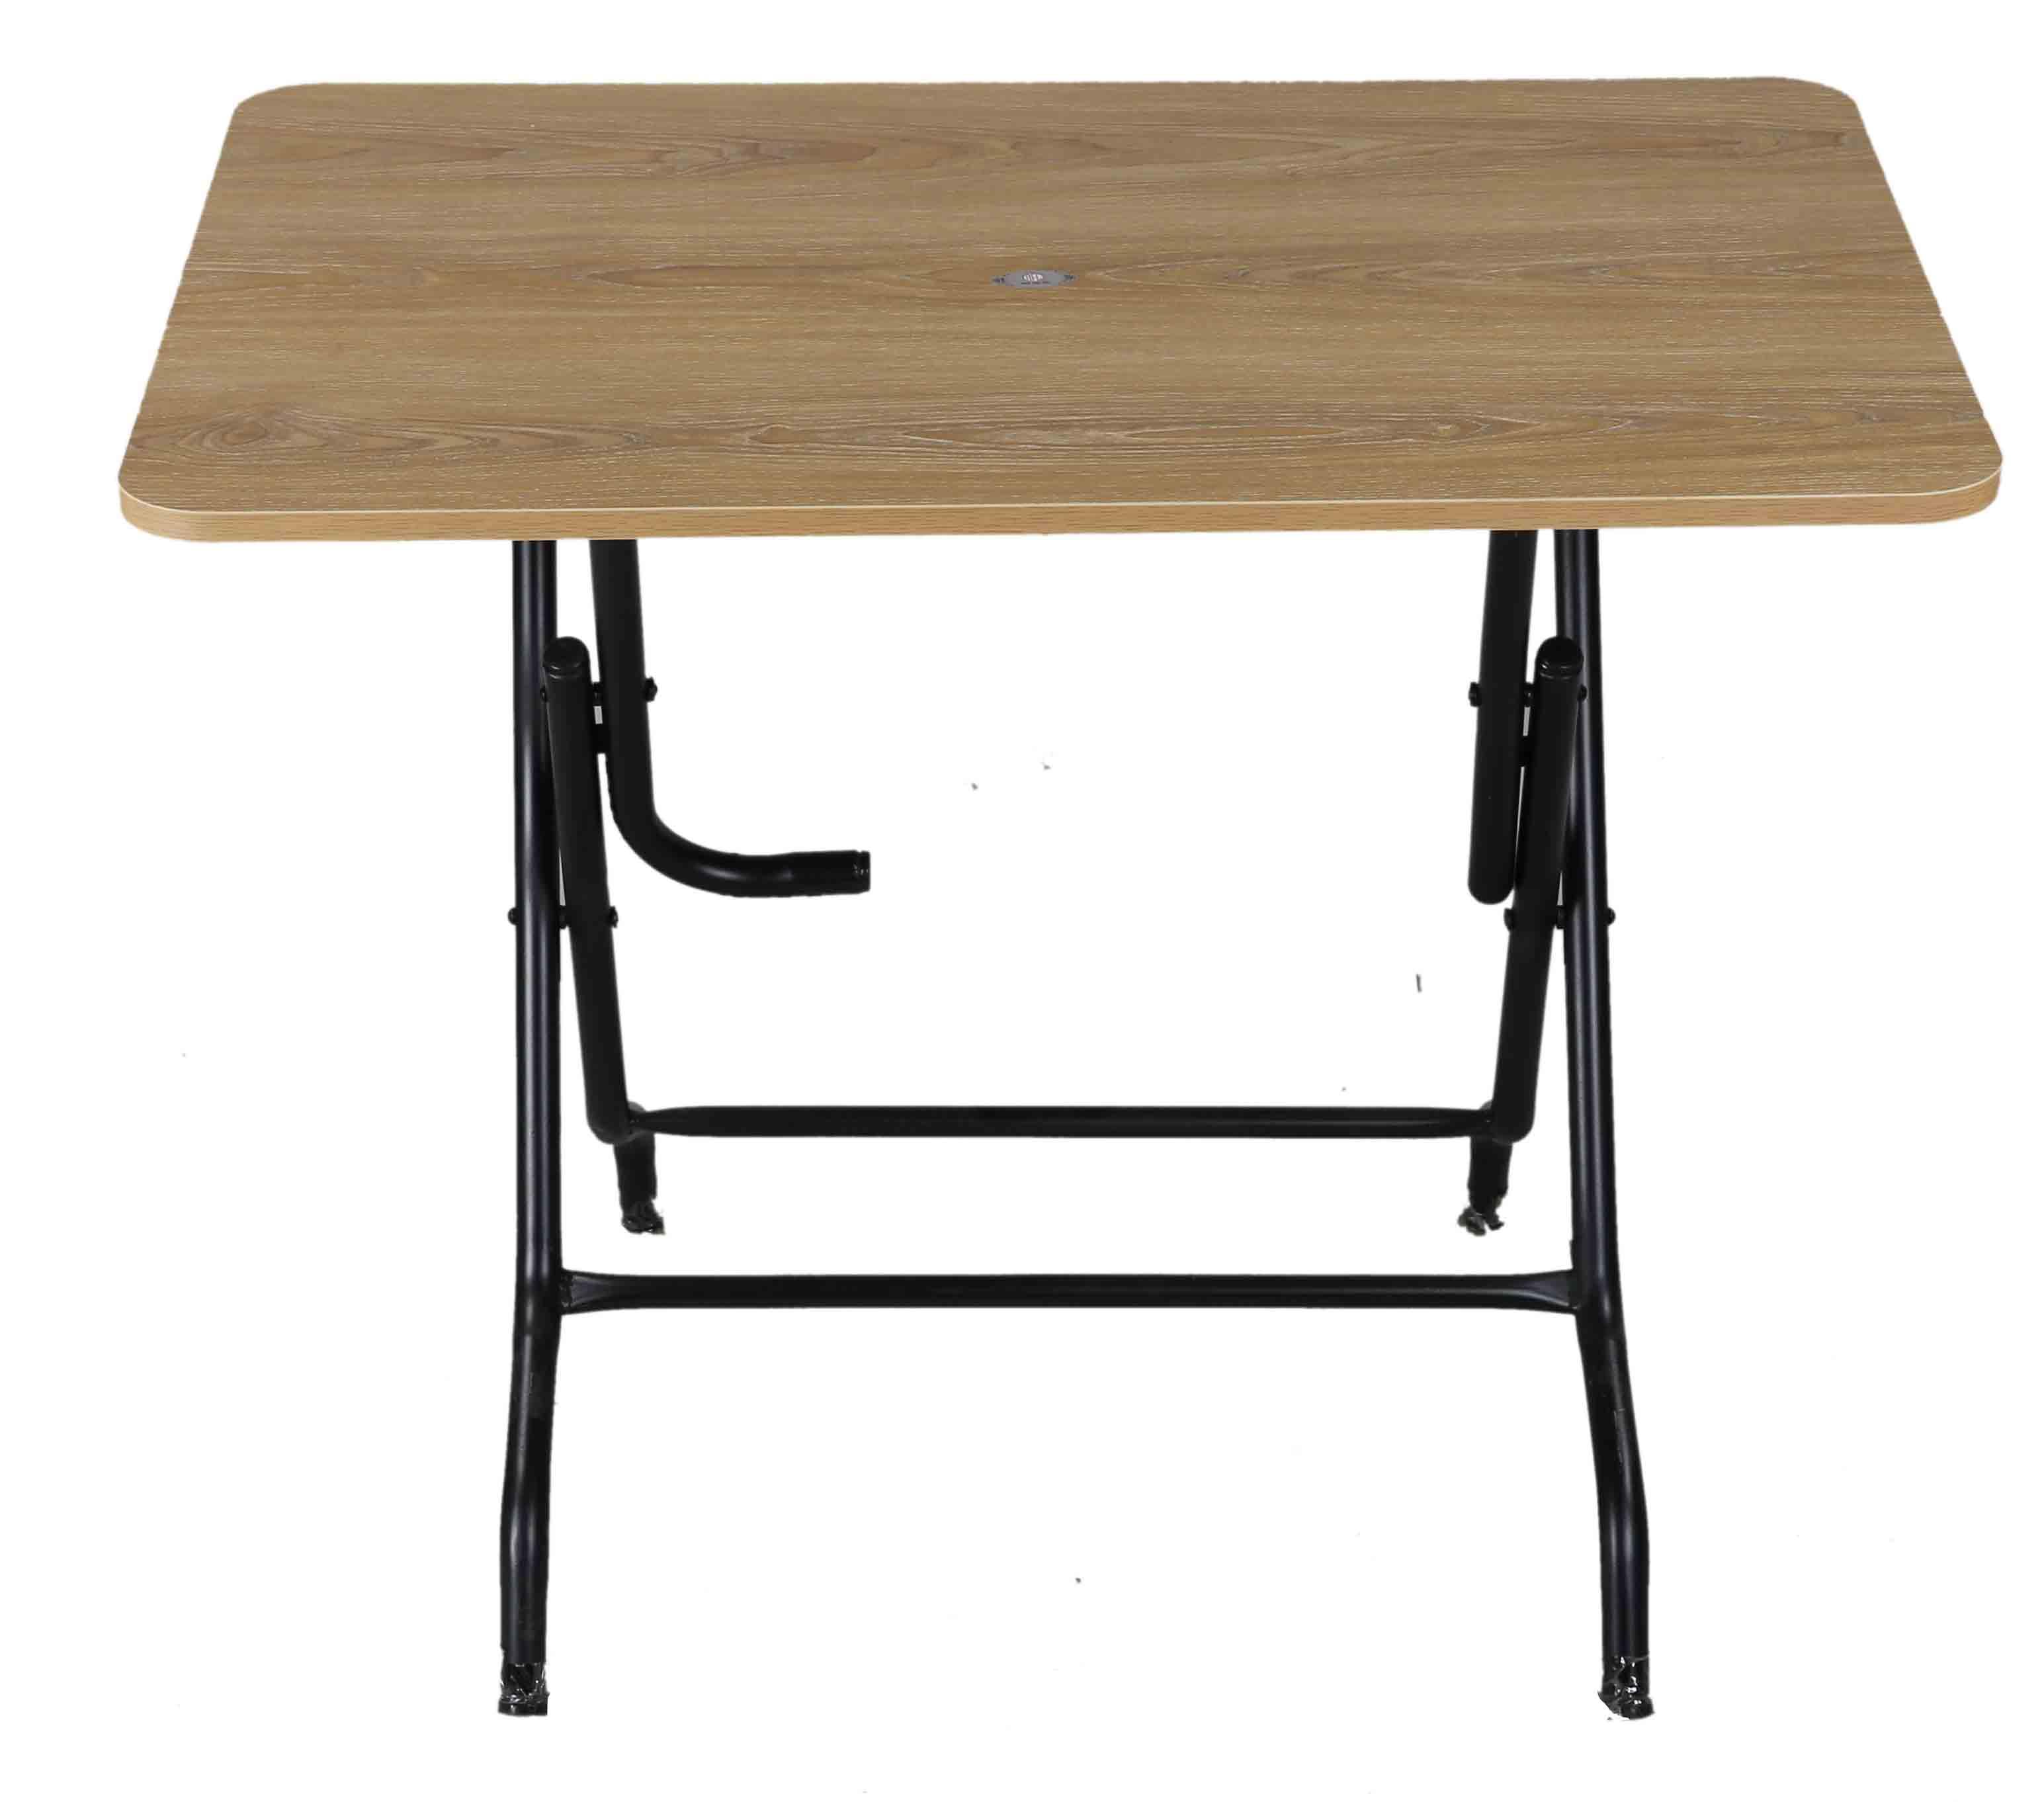 Melamine Table 4 Seated Sq StLeg-S.Wood